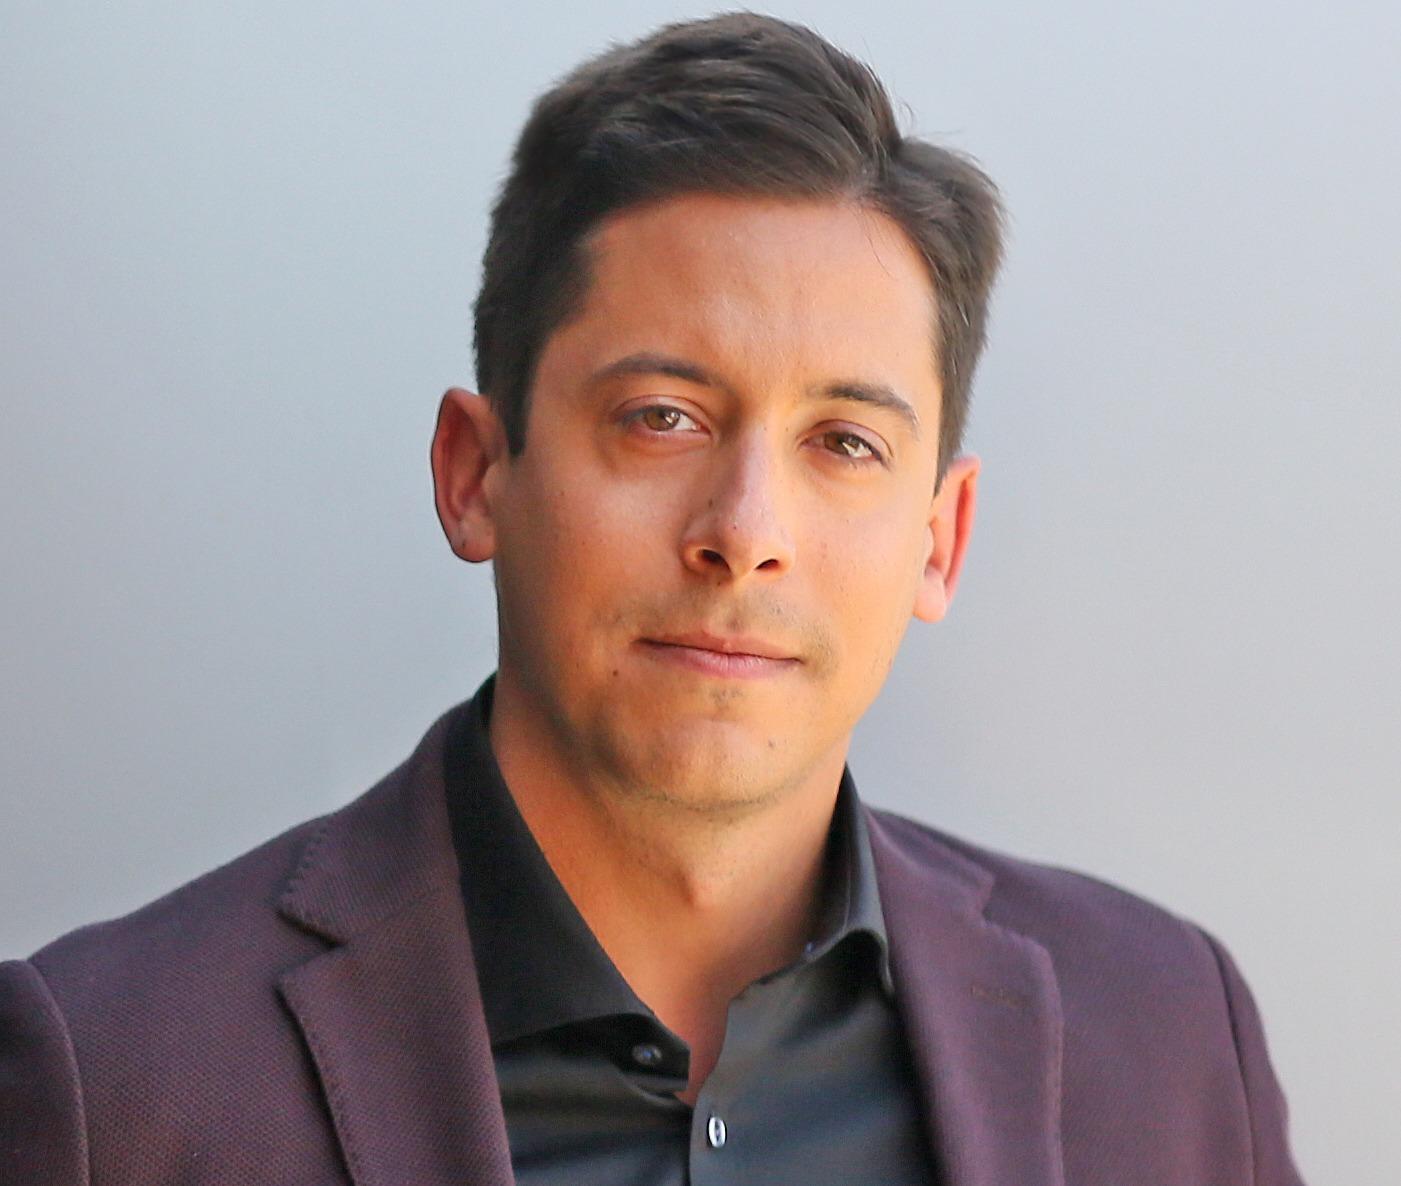 Portrait of Michael Knowles